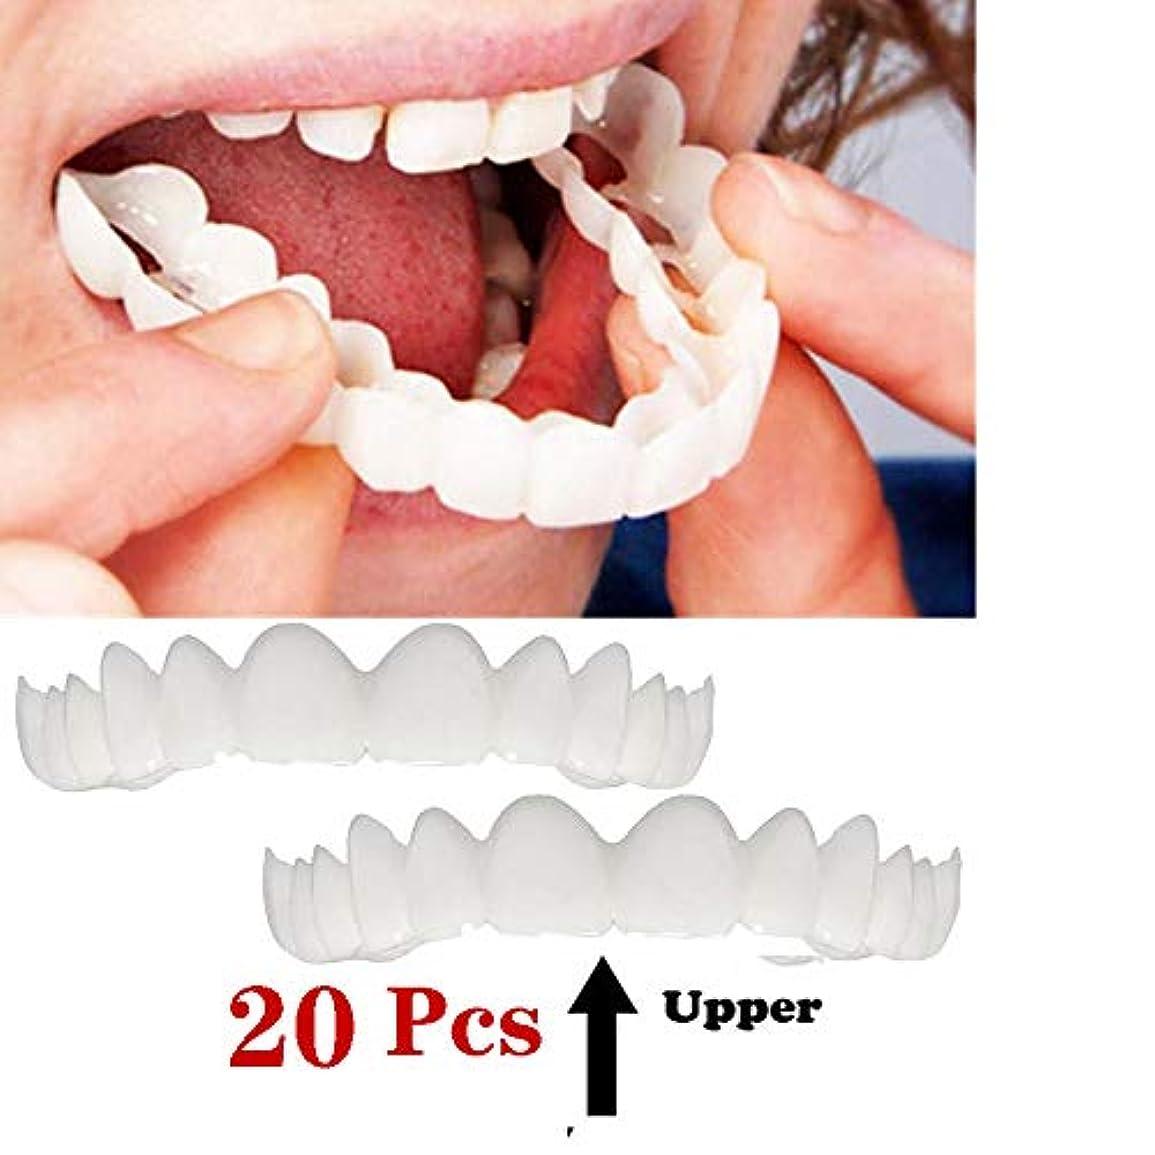 行おびえた別に笑顔の義歯フィットフレックス化粧品の歯快適なベニヤカバー歯のスナップを白くする笑顔の歯化粧品の義歯、化粧品の歯20個